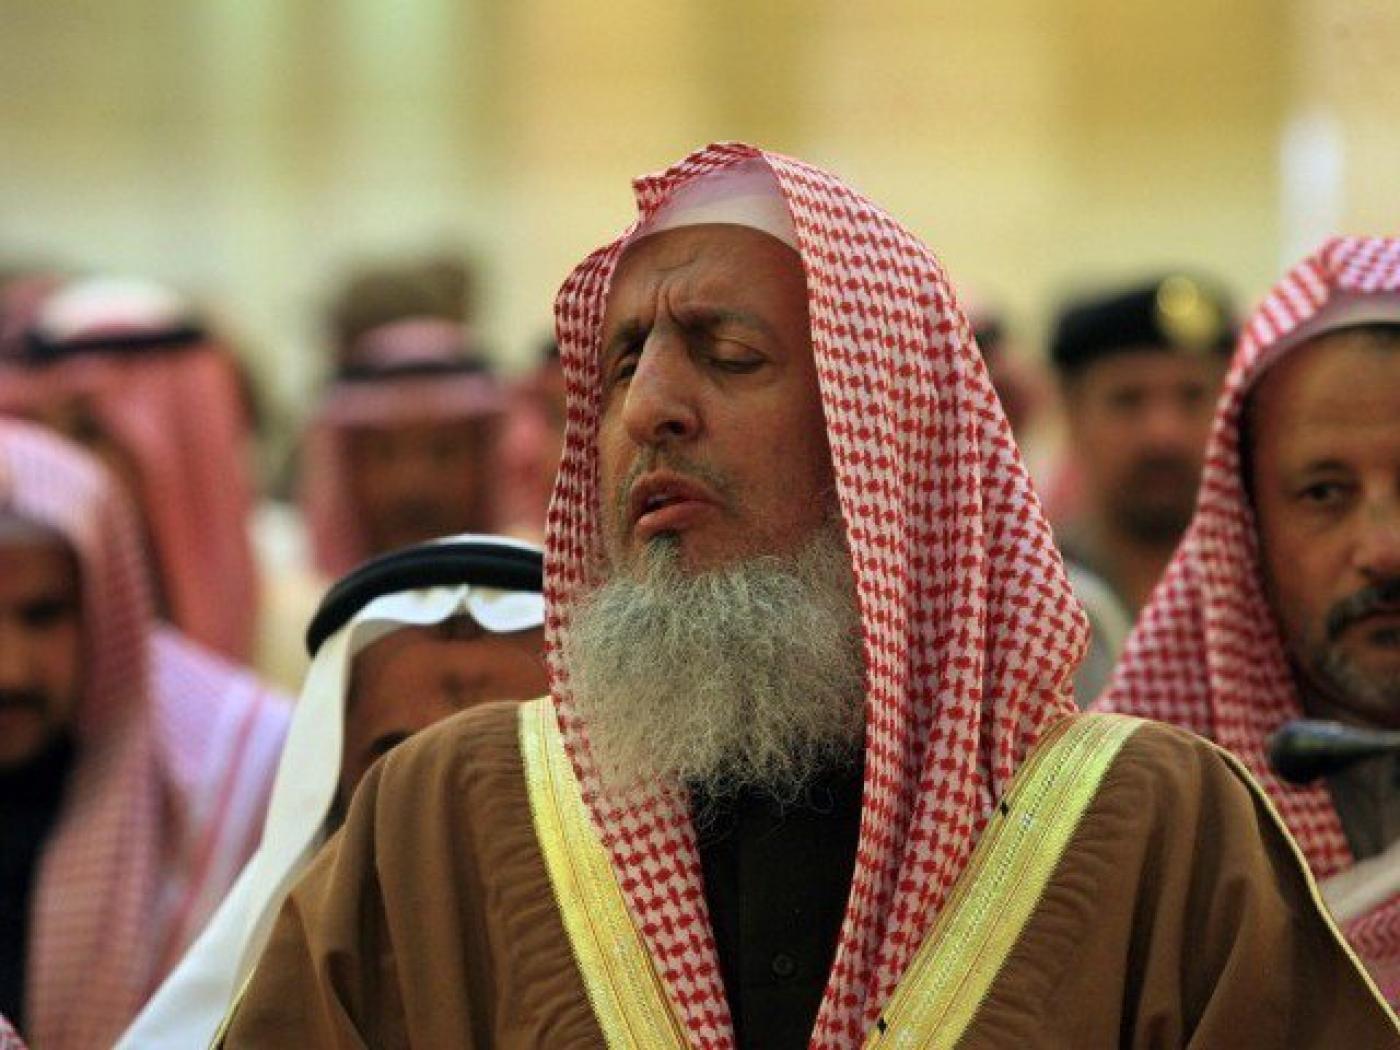 Shalat Tarawih di Rumah Atau Masjid? Ini Penjelasan Mufti Agung Arab Saudi